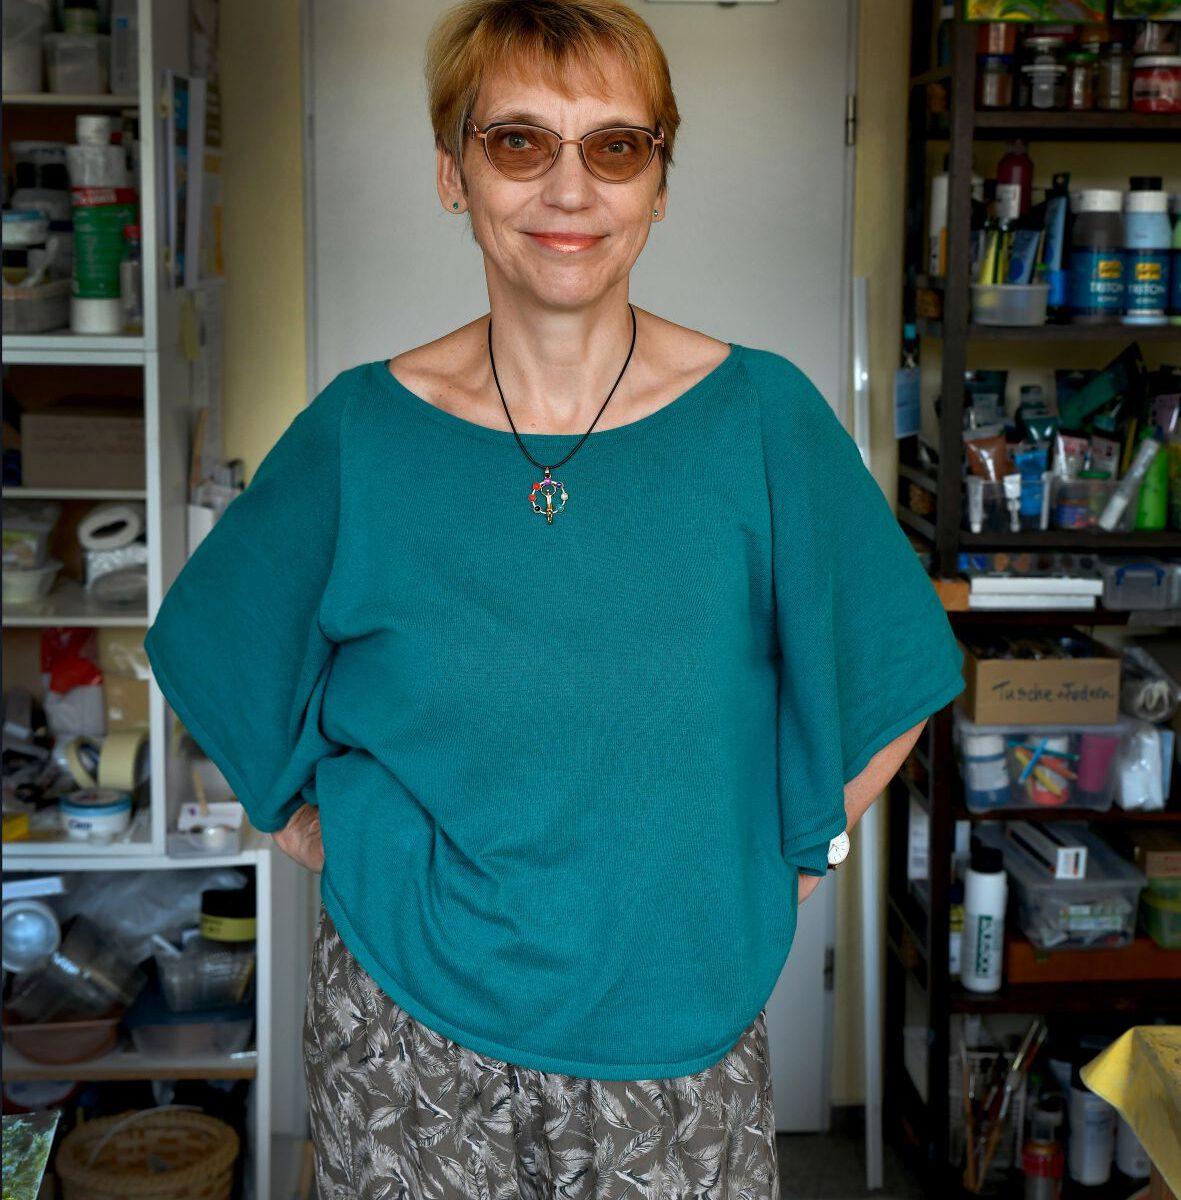 Katrin Seifert, Atelier 108